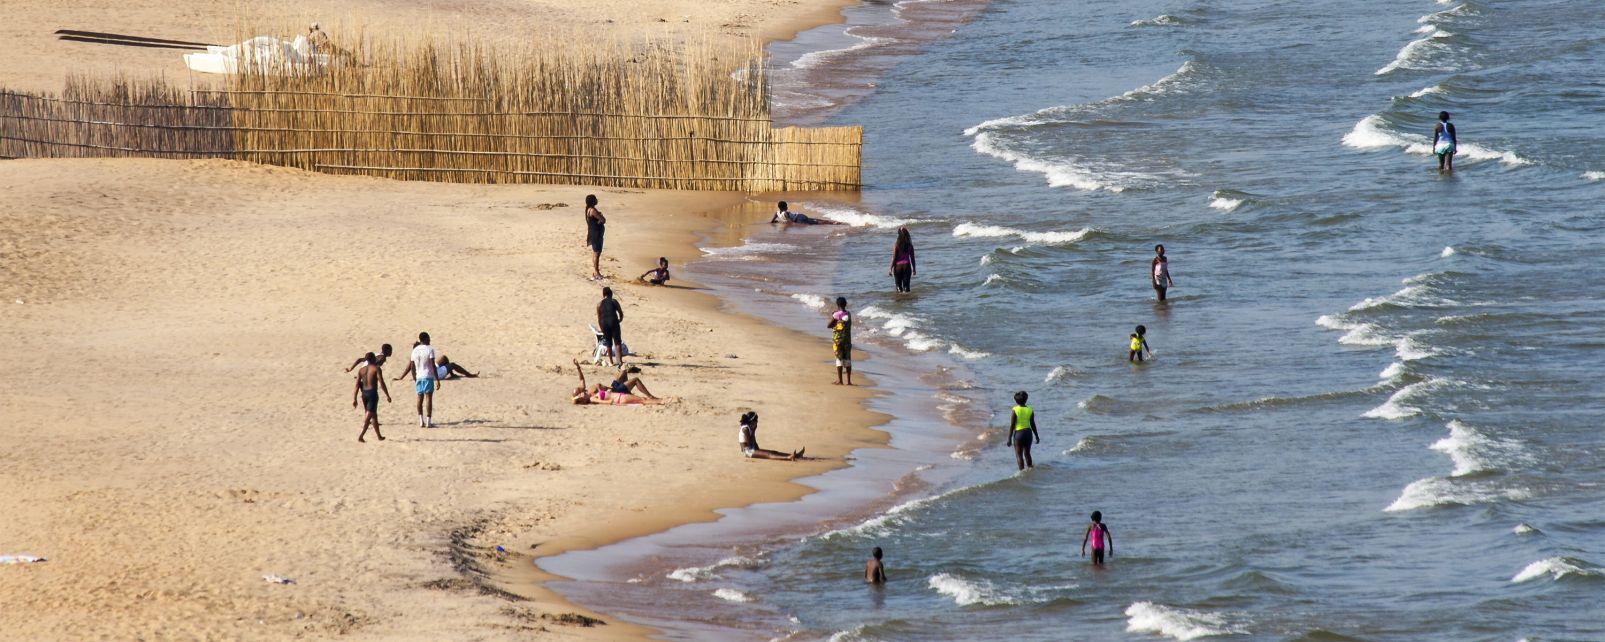 Les côtes, Malawi Lac afrique senga bay plage